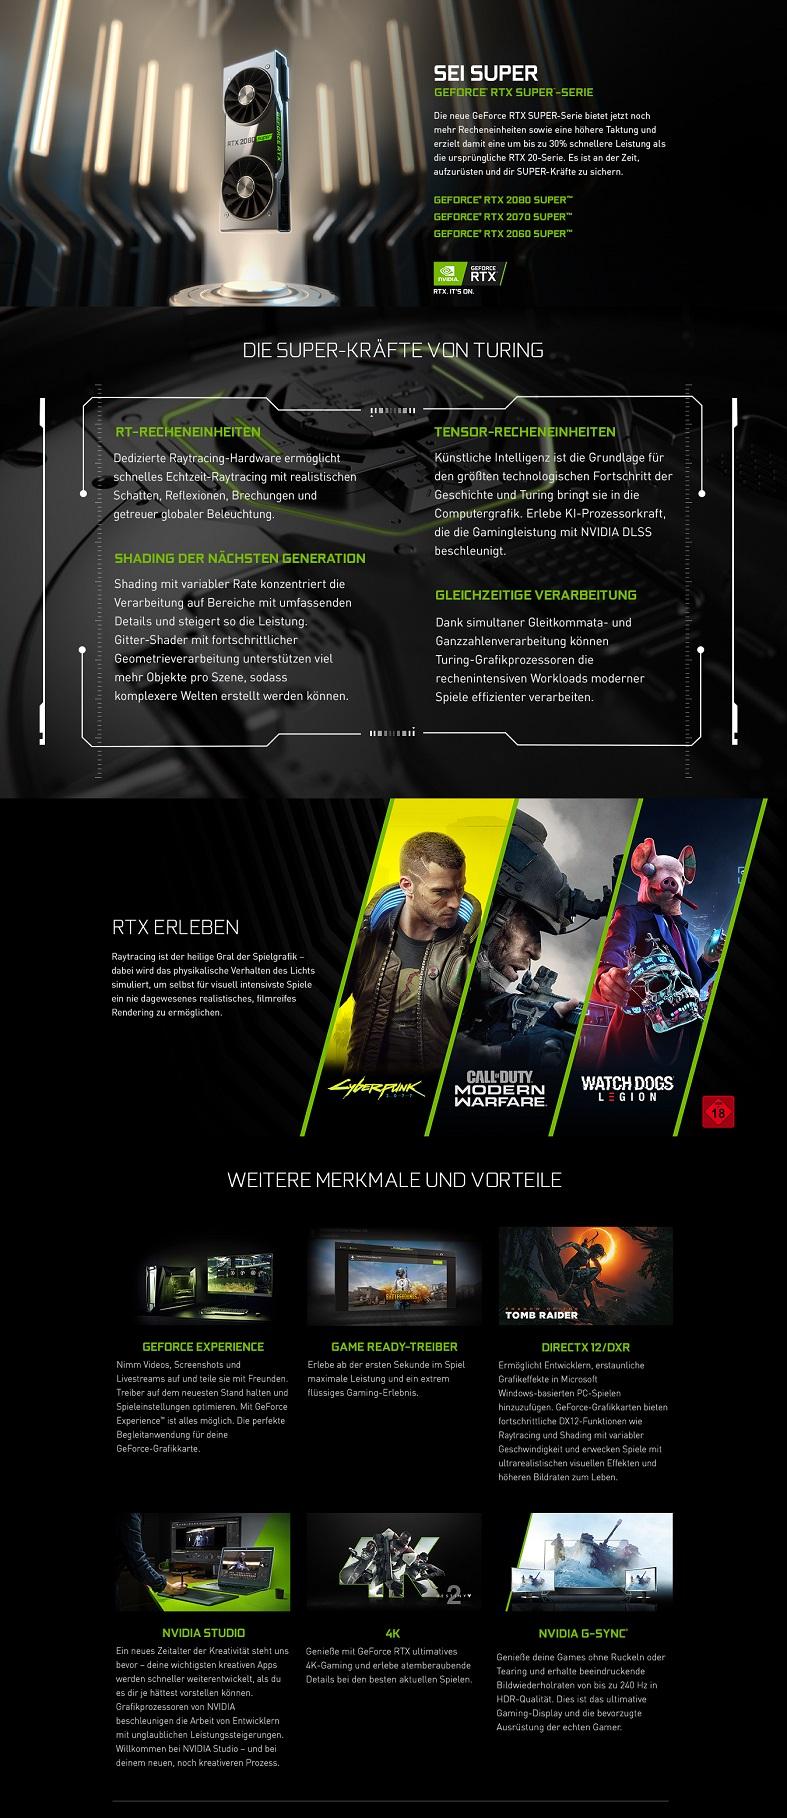 NVIDIA GeForce RTX Super Serie